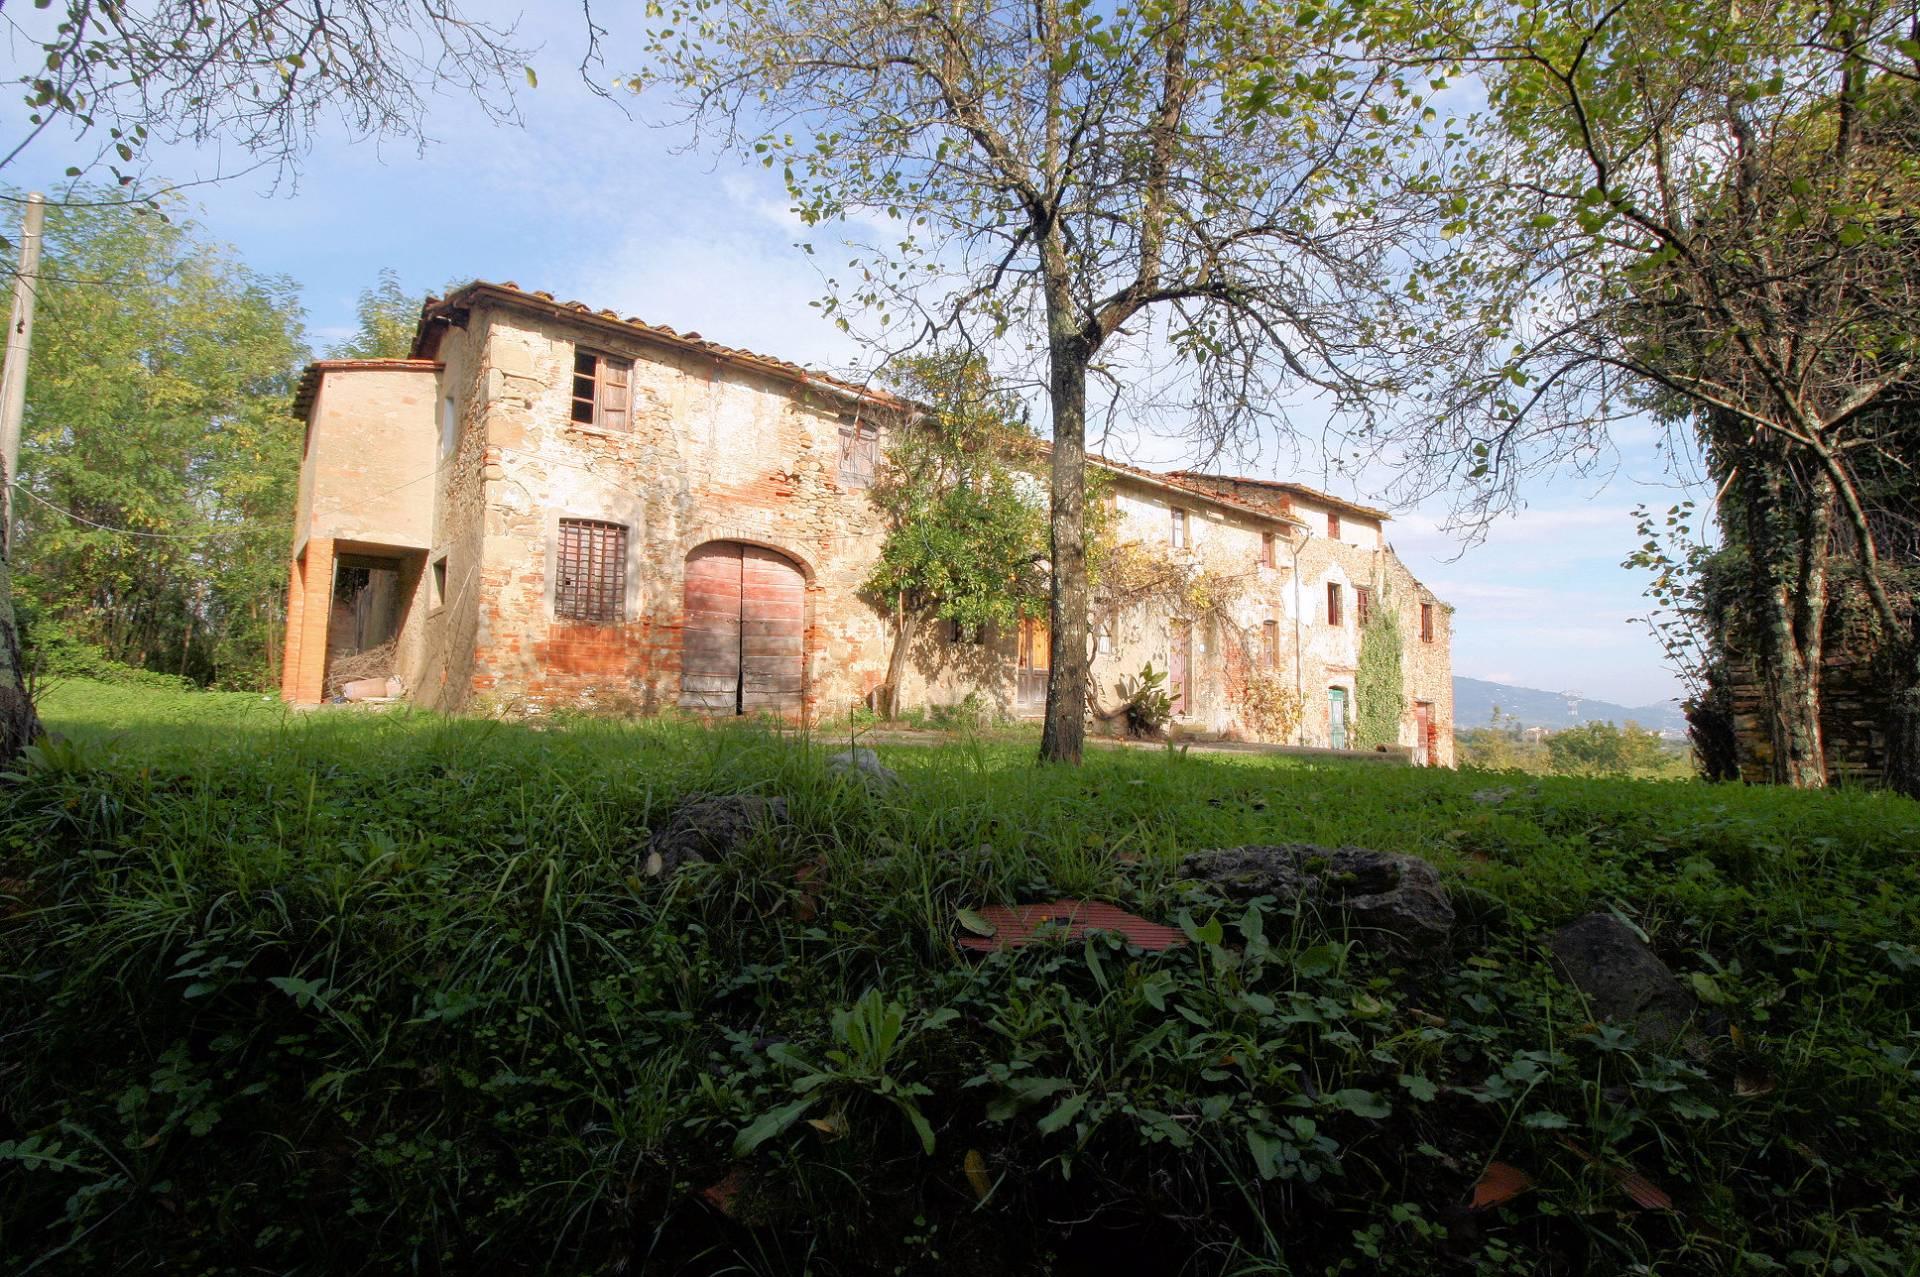 Rustico / Casale in vendita a Pescia, 25 locali, prezzo € 420.000 | Cambio Casa.it